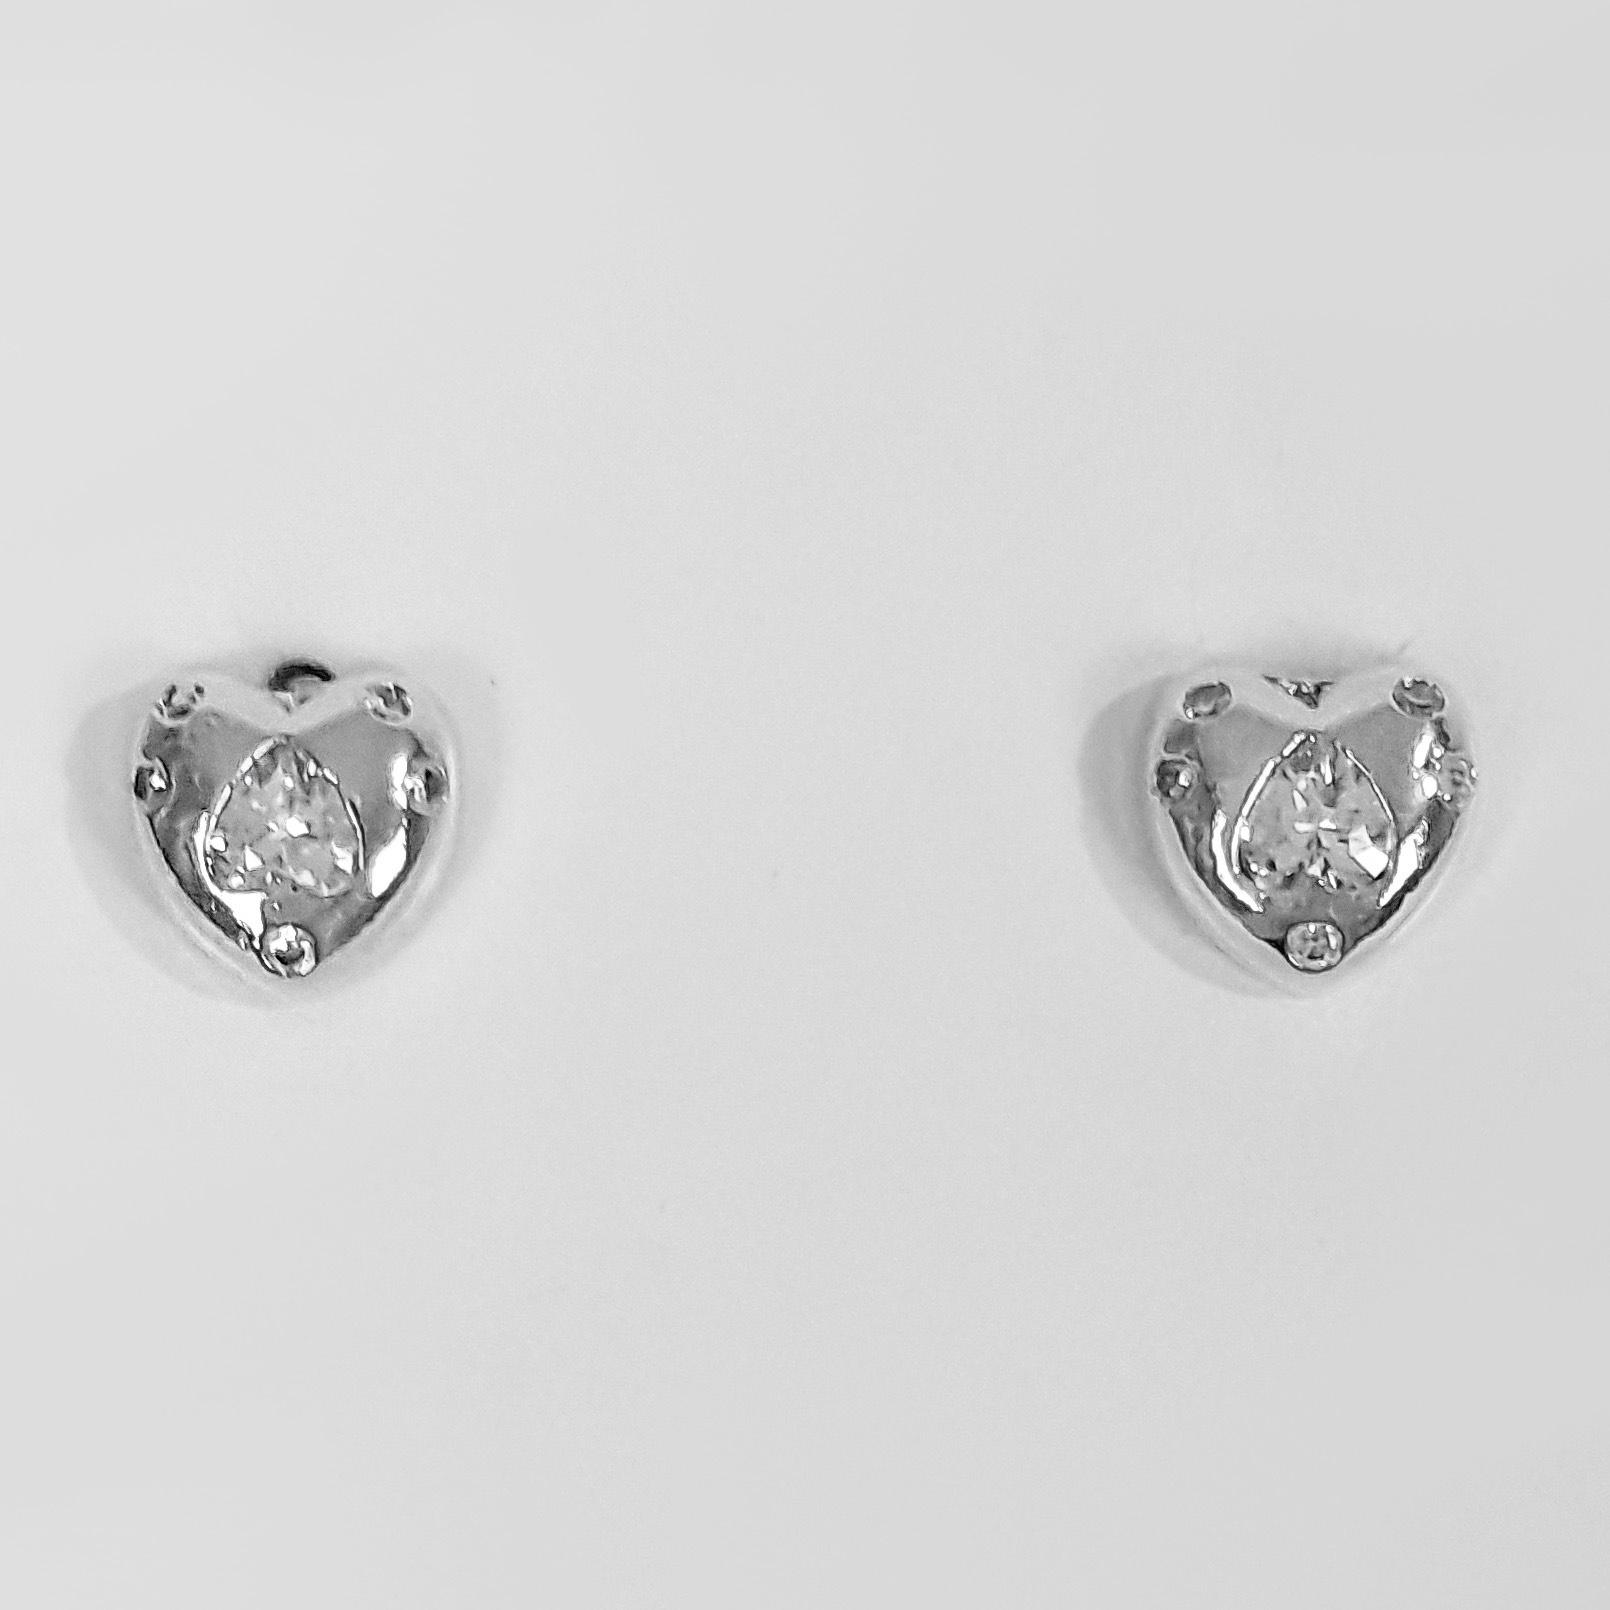 Brinco Pequeno Coração com Zircônias Folheada a Prata 1000  - Lunozê Joias